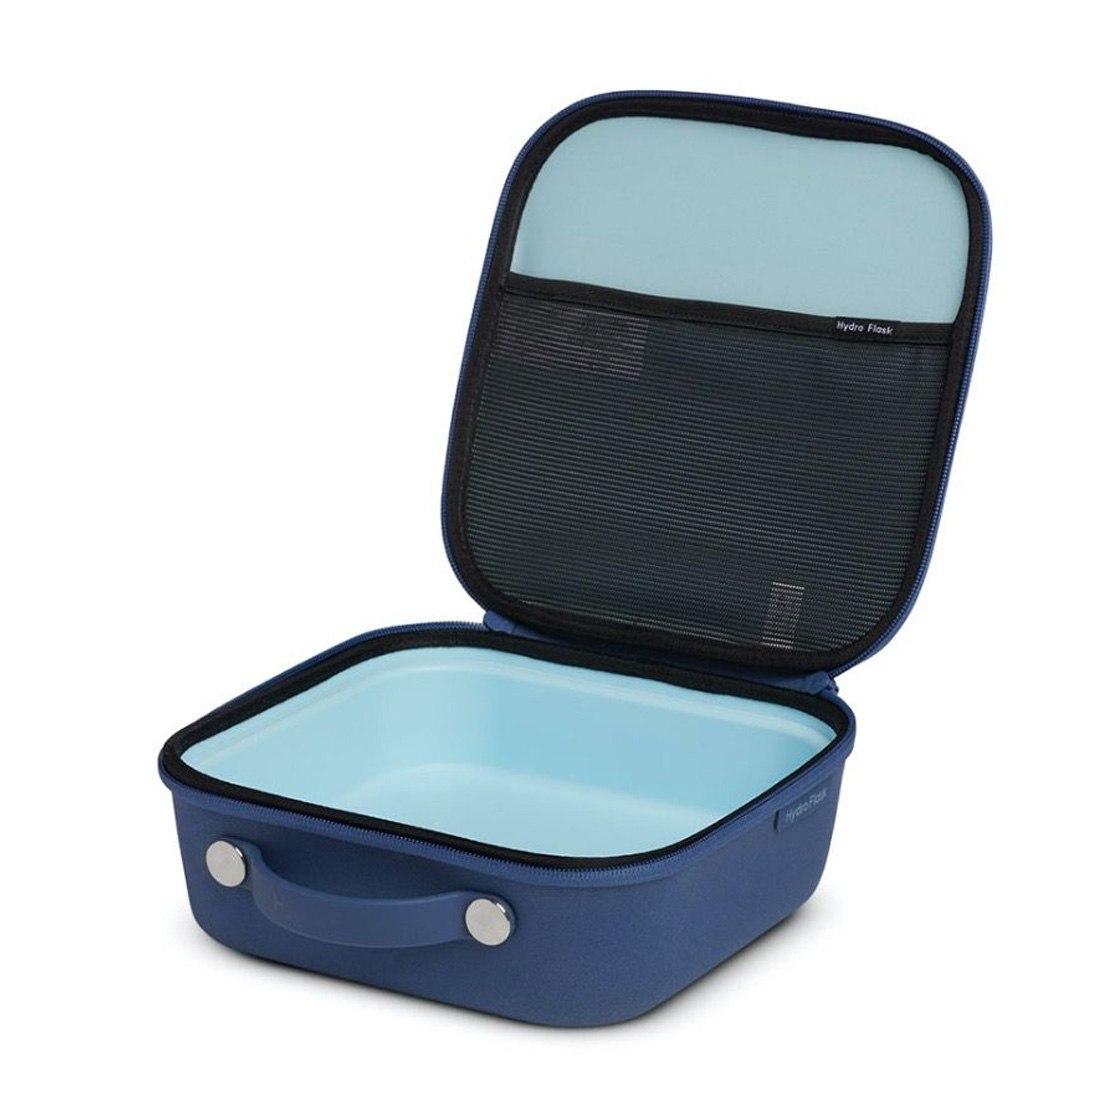 ハイドロフラスク インスレーテッド ランチボックス スモール 保冷バック  国内正規品